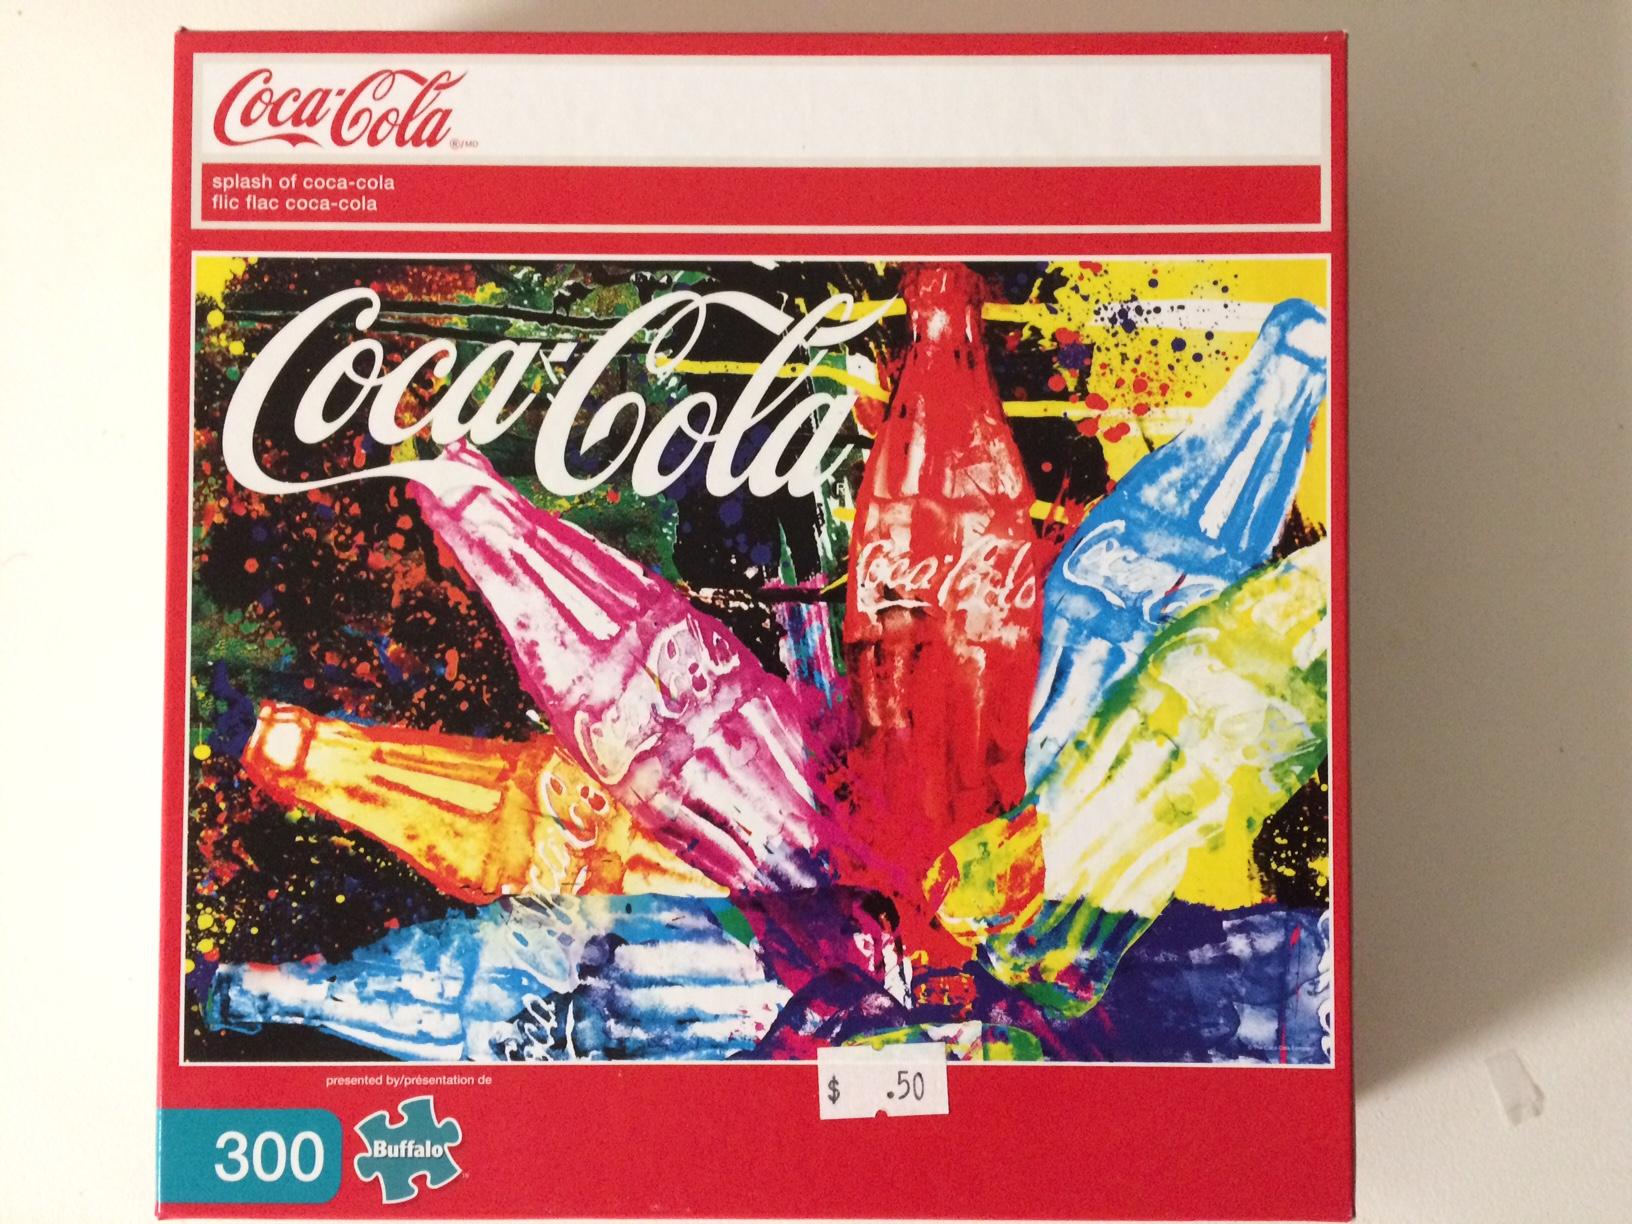 Splash-Coca-Cola-puzzle